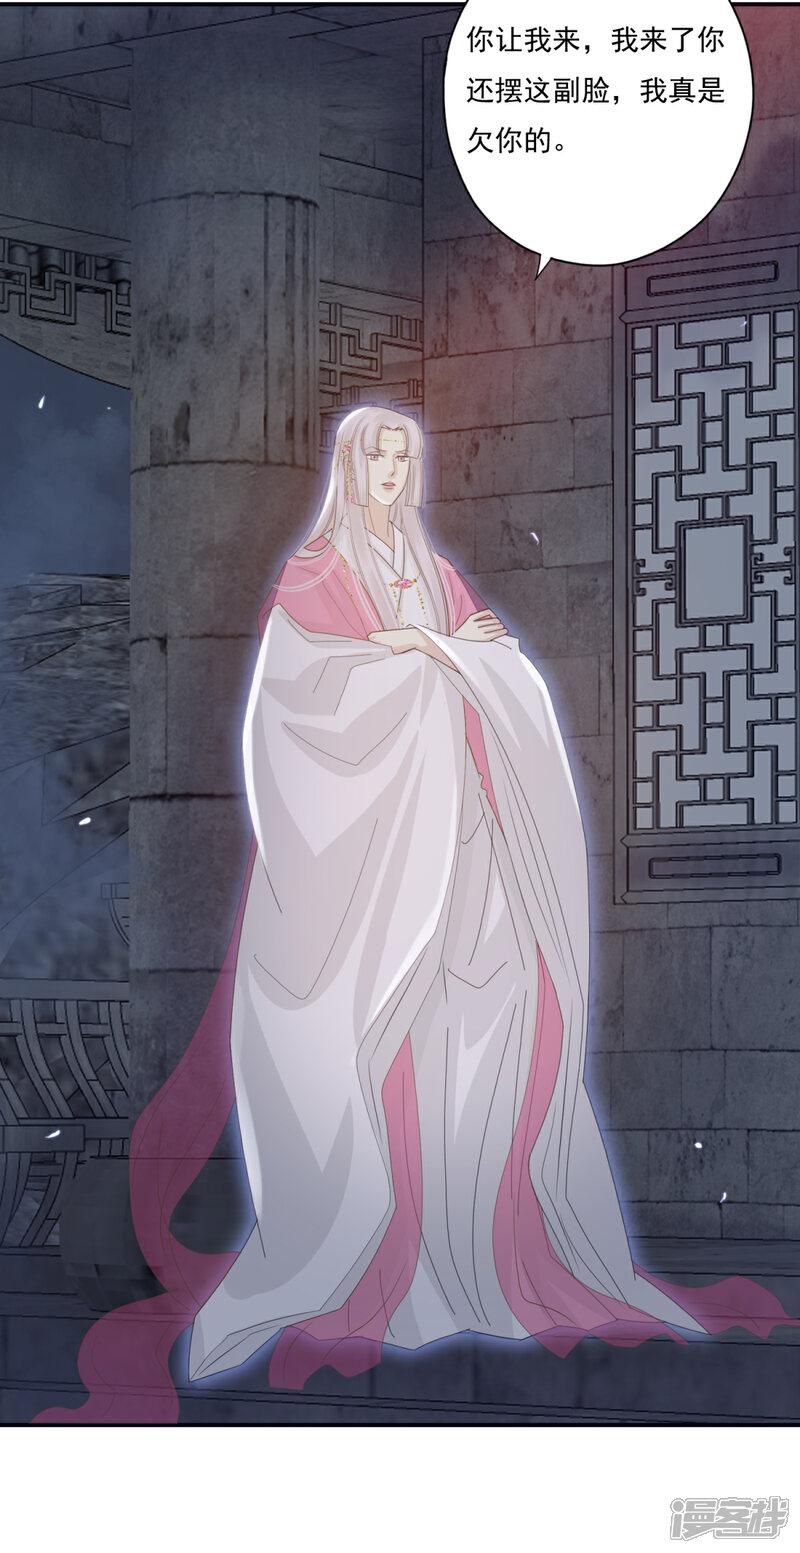 嫡女毒妃摄政王的心尖宠 嫡女惊华溺宠神医狂妃